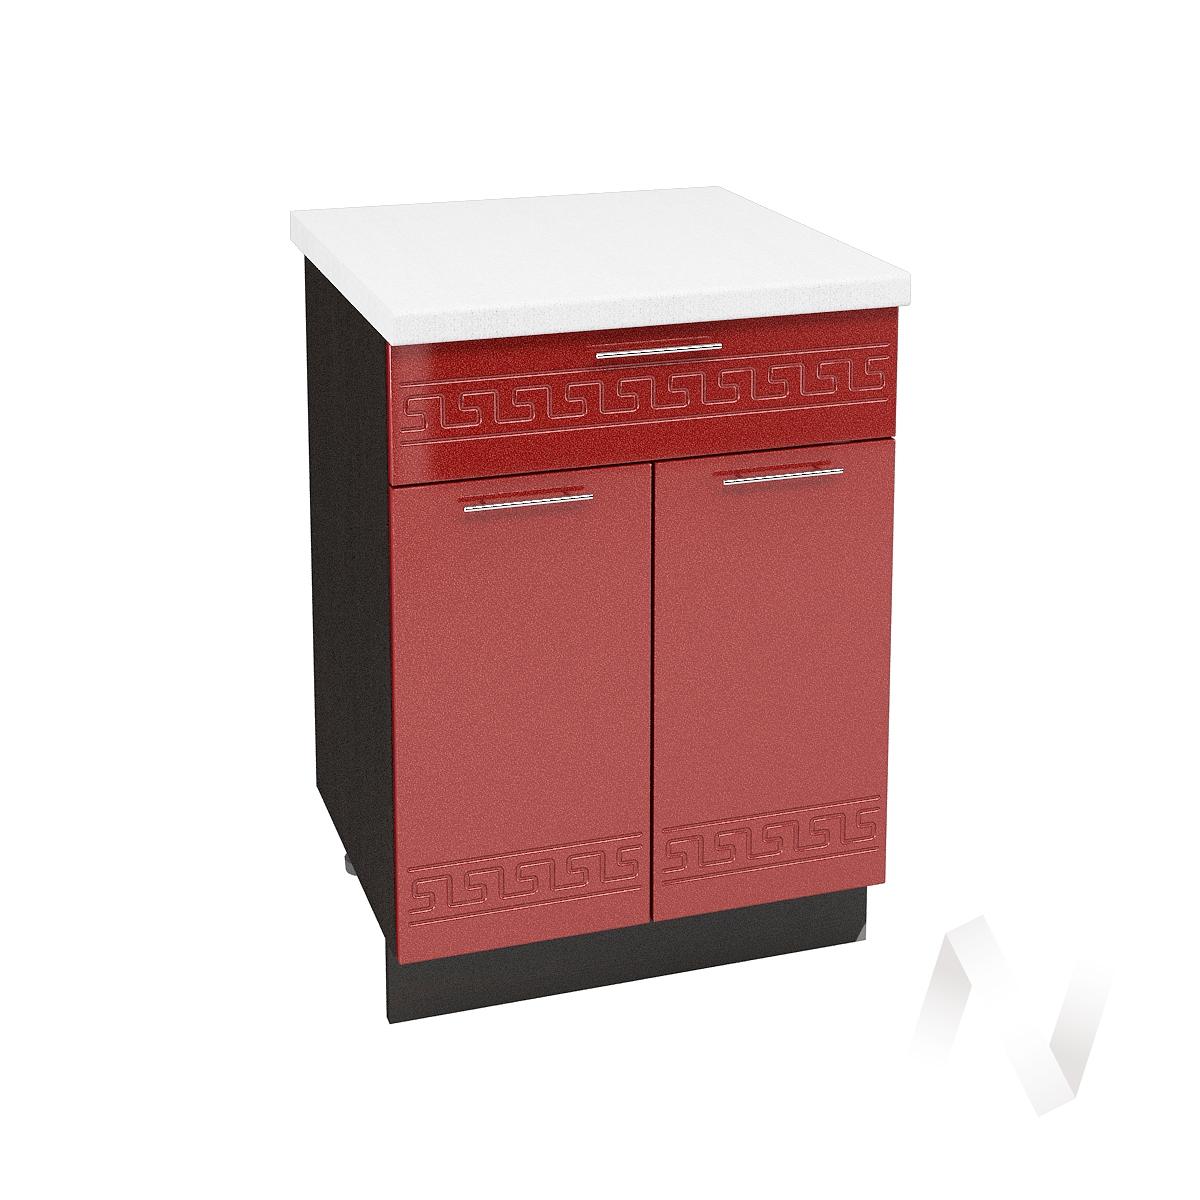 """Кухня """"Греция"""": Шкаф нижний с ящиком 600, ШН1Я 600 М (гранатовый металлик/корпус венге)"""